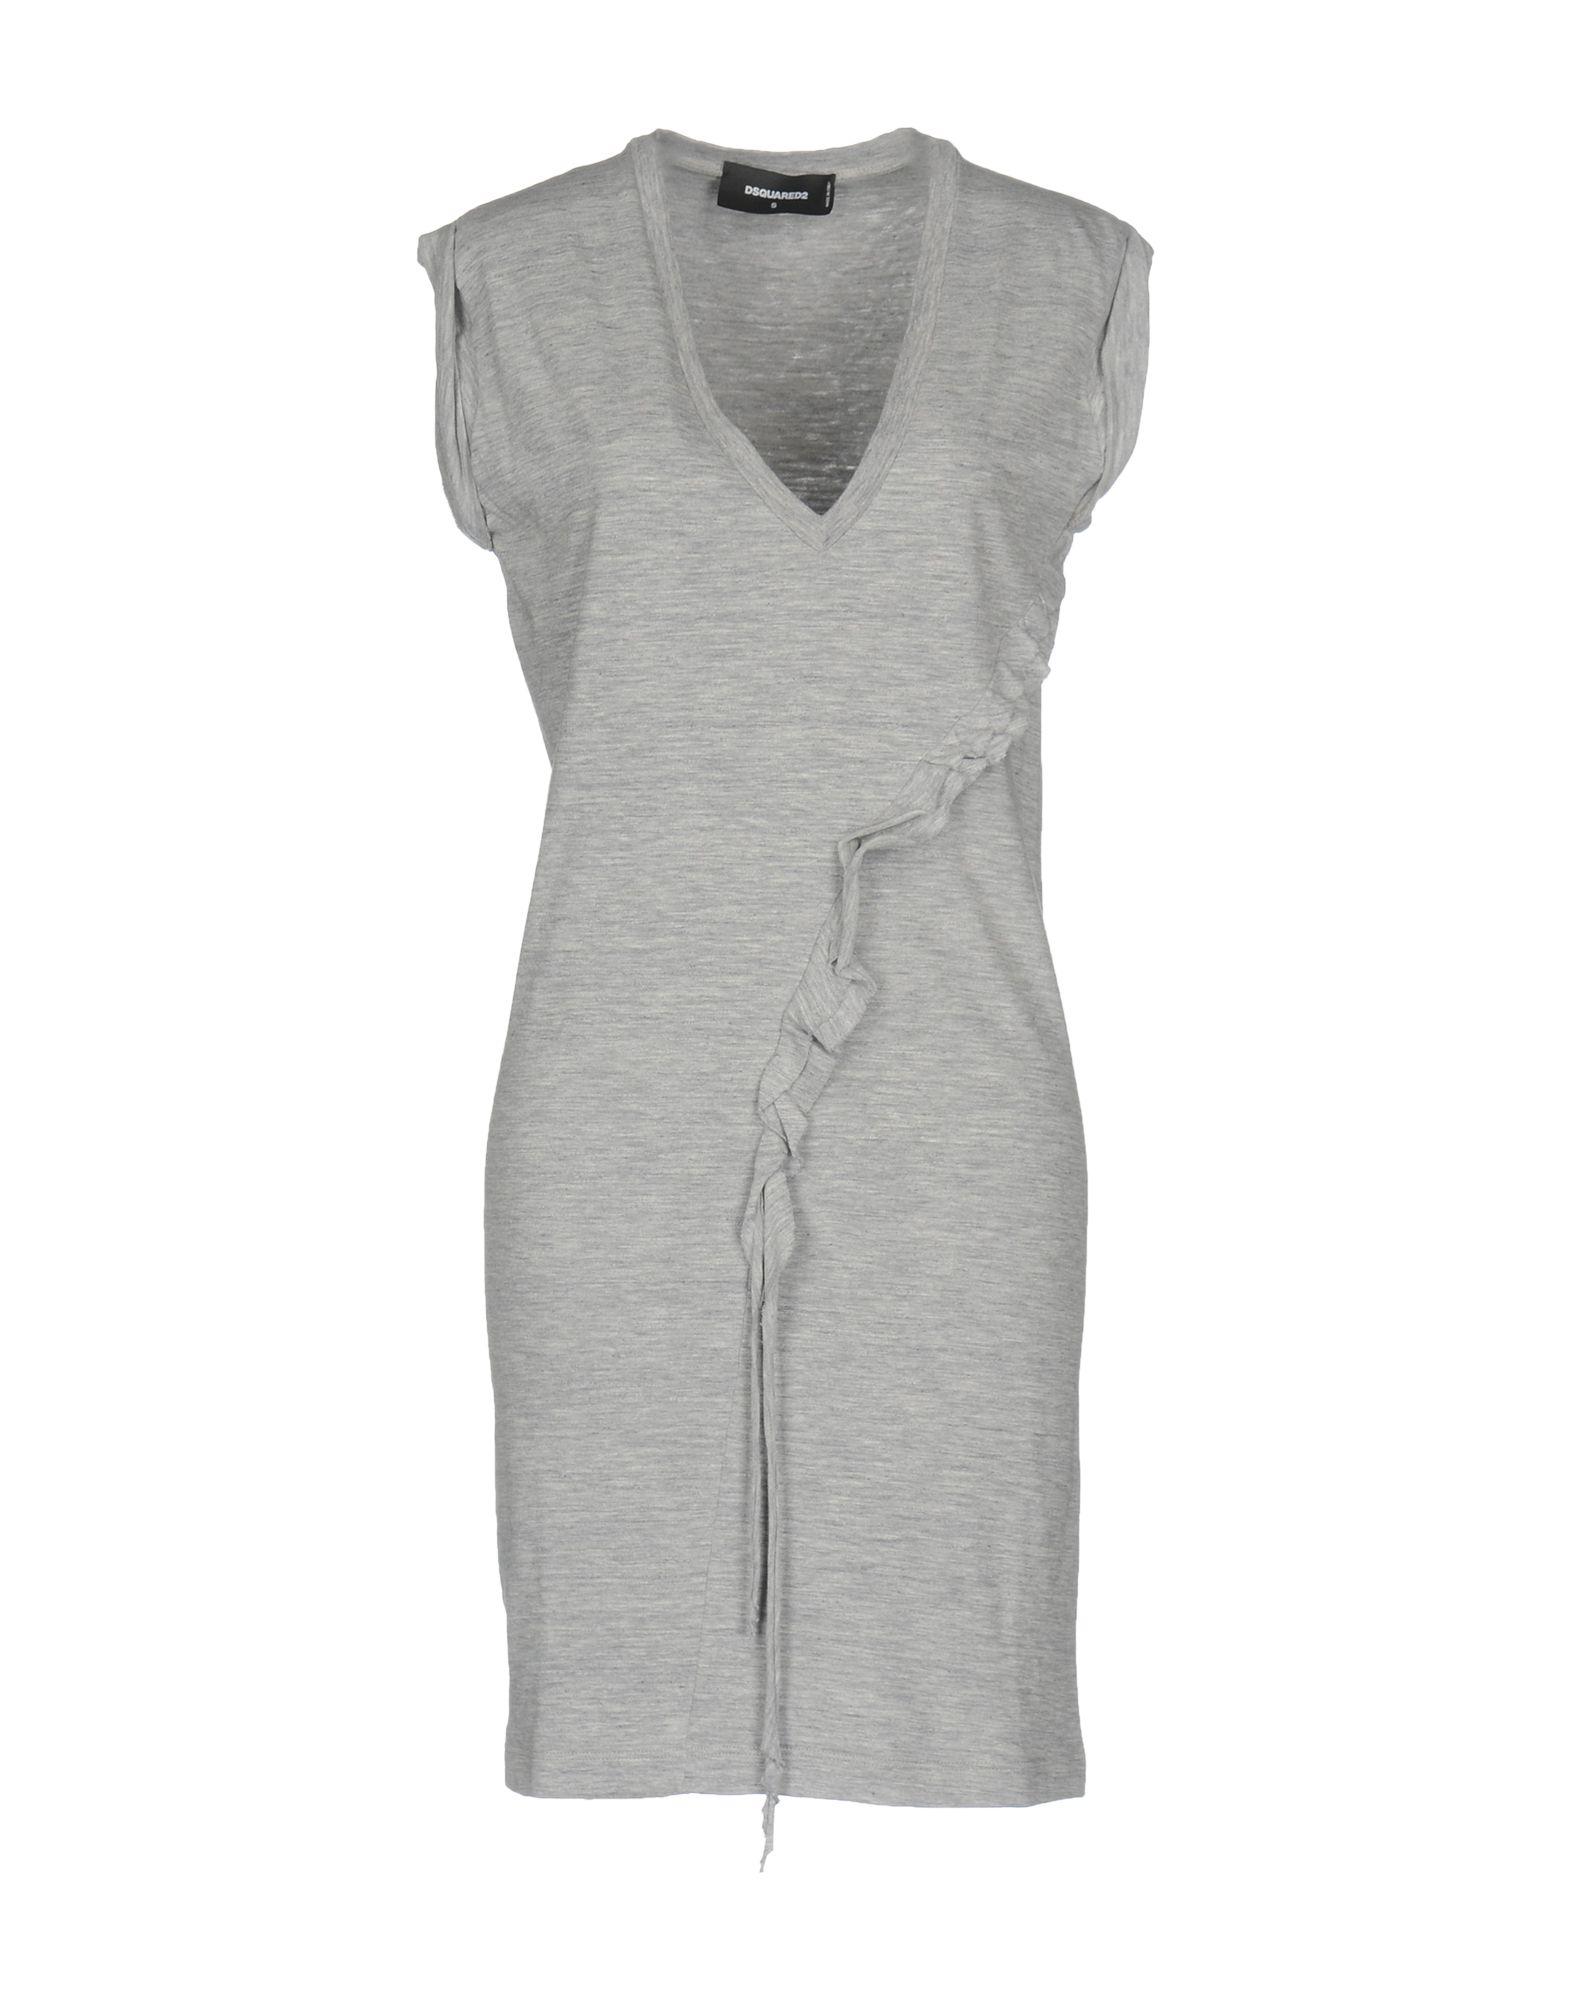 DSQUARED2 Damen Kurzes Kleid Farbe Grau Größe 7 jetztbilligerkaufen